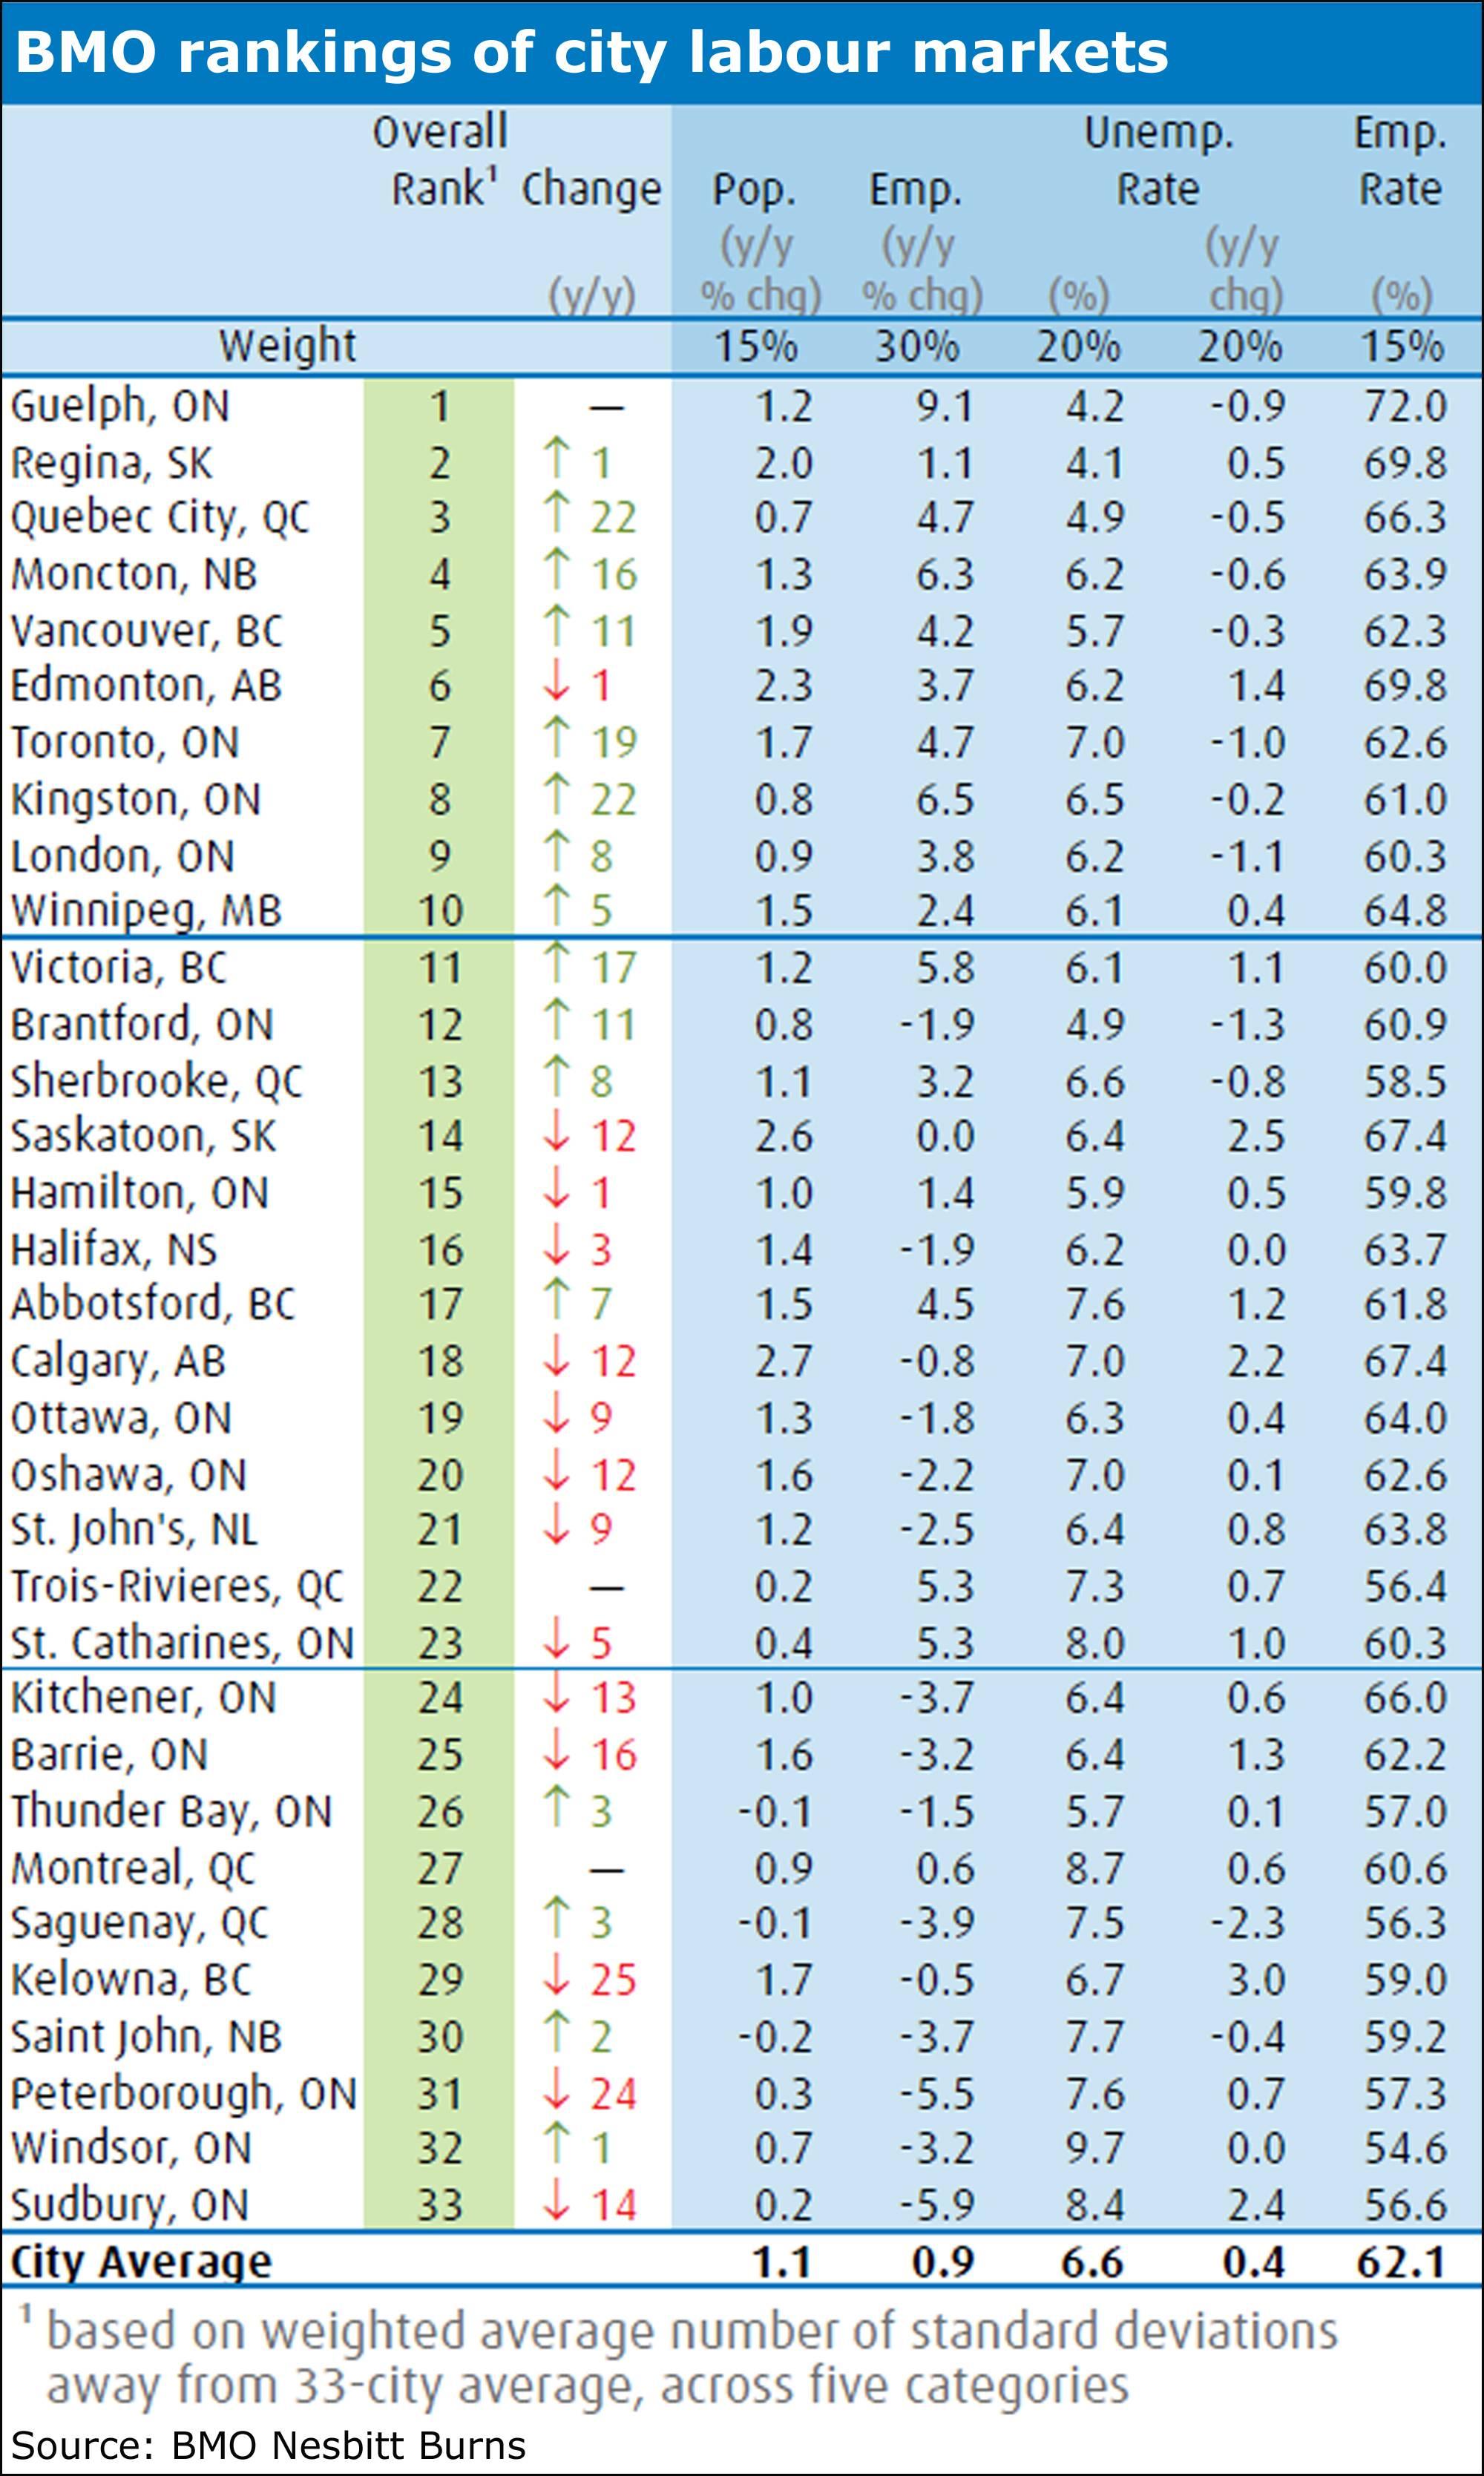 bmoranking  As 10 melhores cidades para se encontrar emprego no Canadá bmoranking